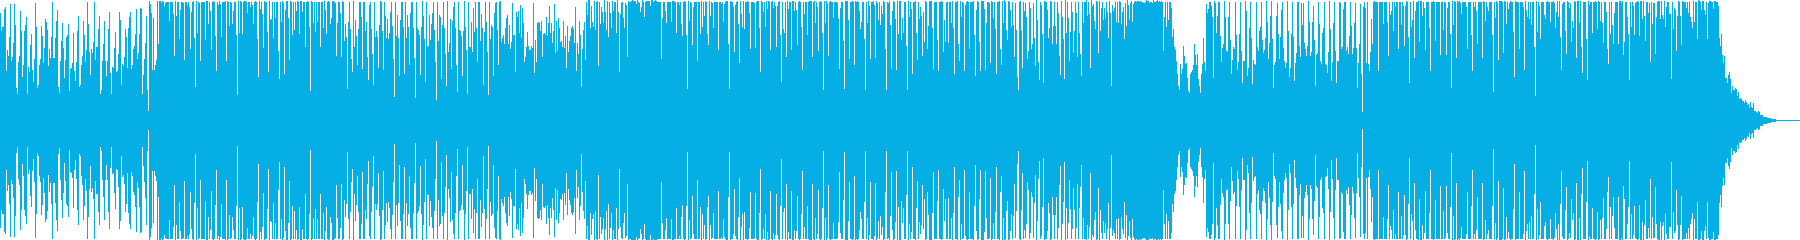 レゲトン ヒットチャート 楽しい 明るいの再生済みの波形